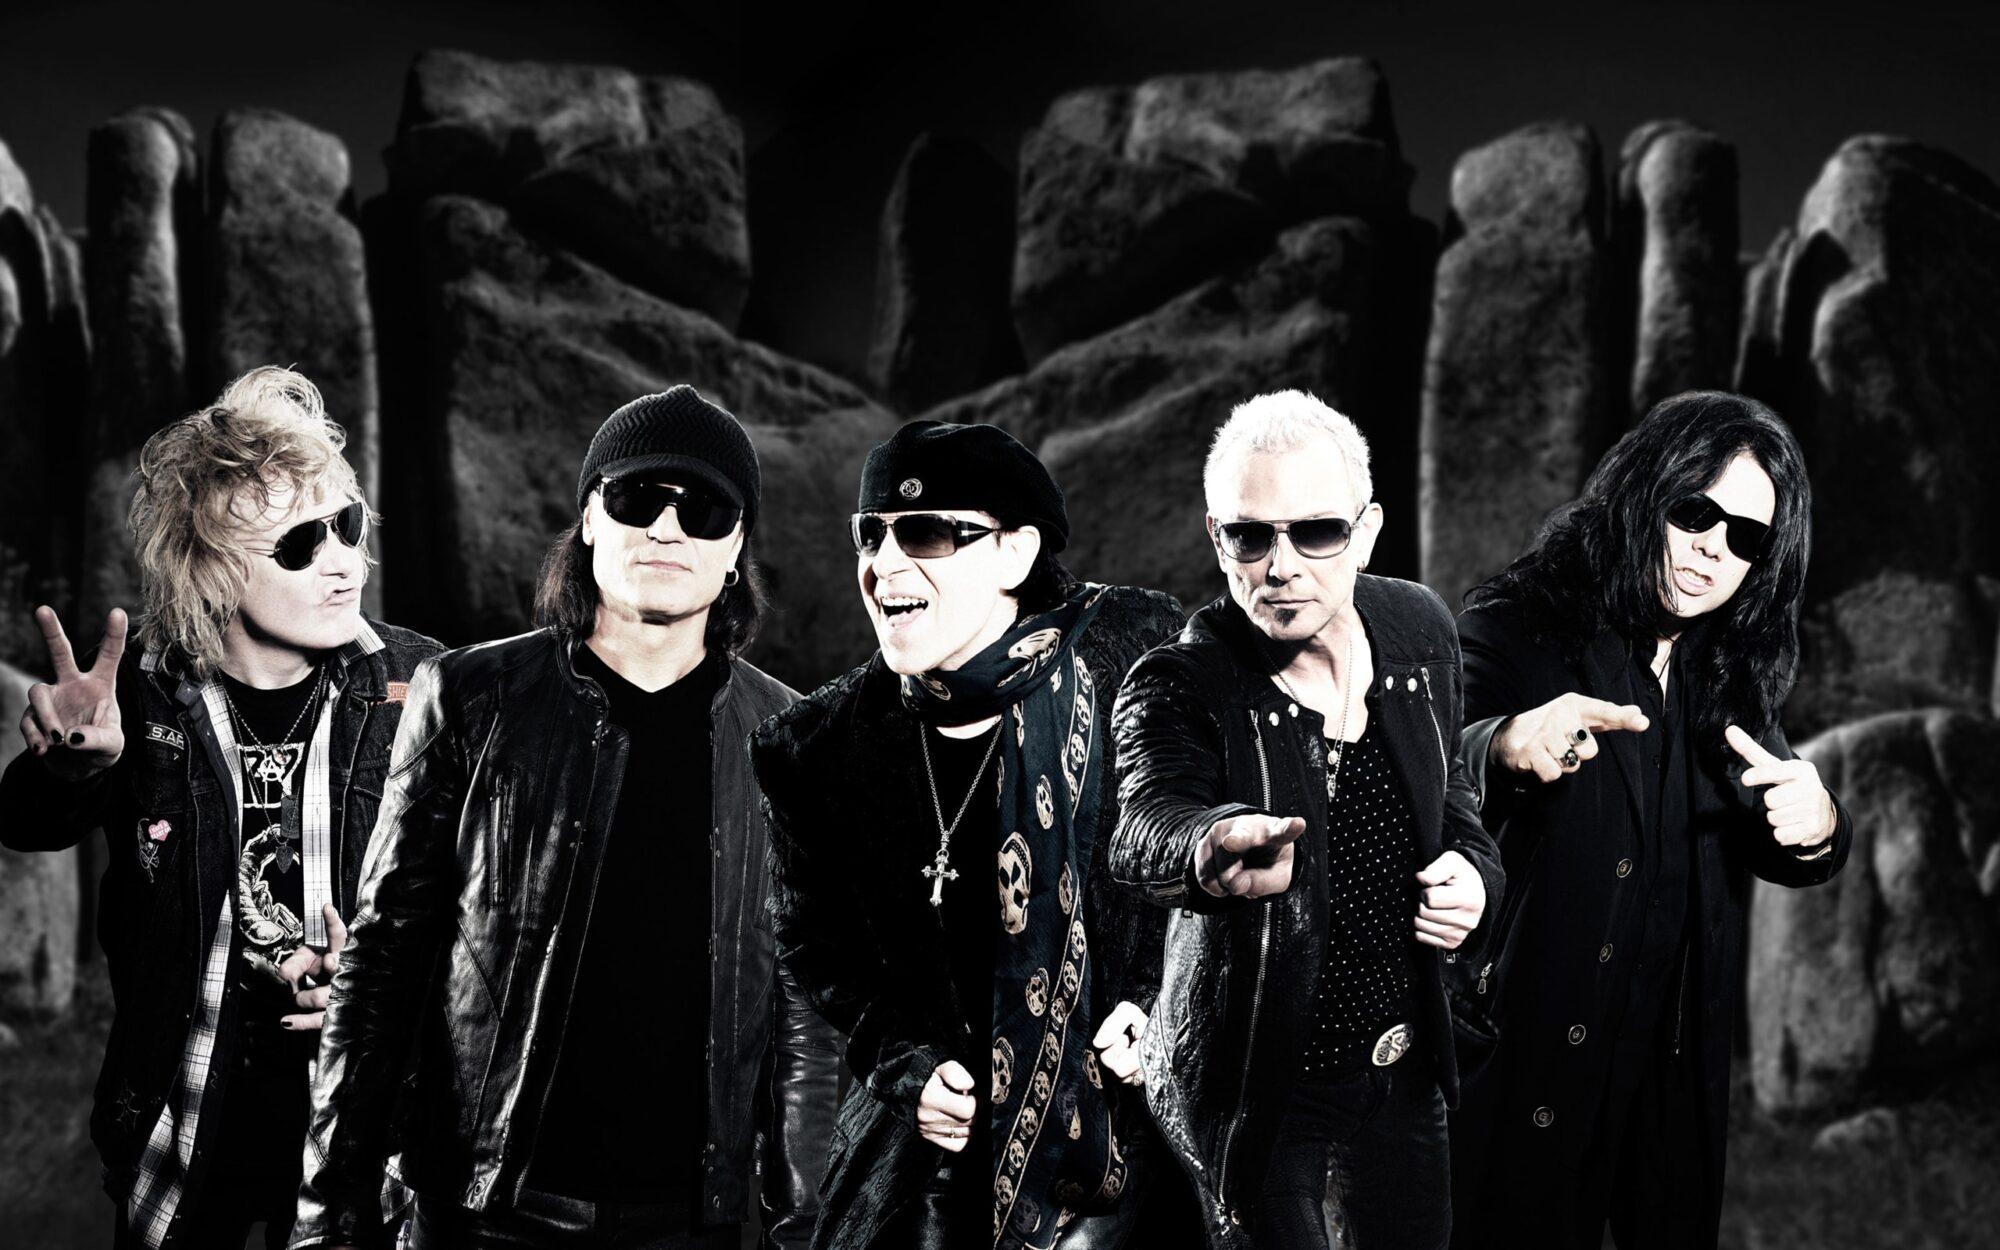 Zdjęcie przedstawia członków zespołu SCORPIONS na tle skał